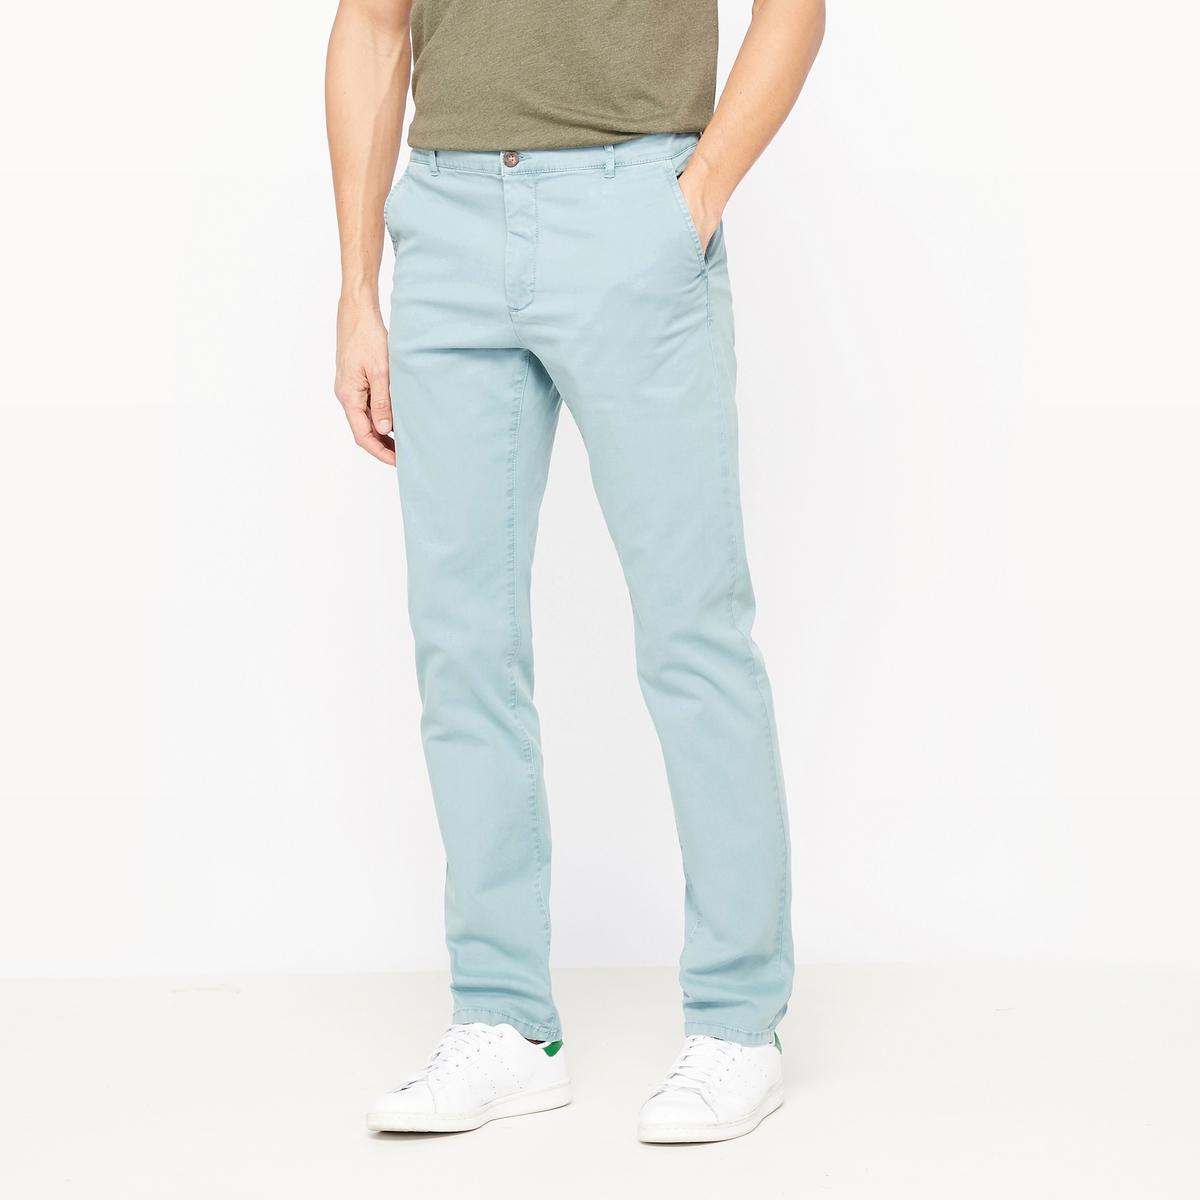 Брюки-чино зауженные брюки чино